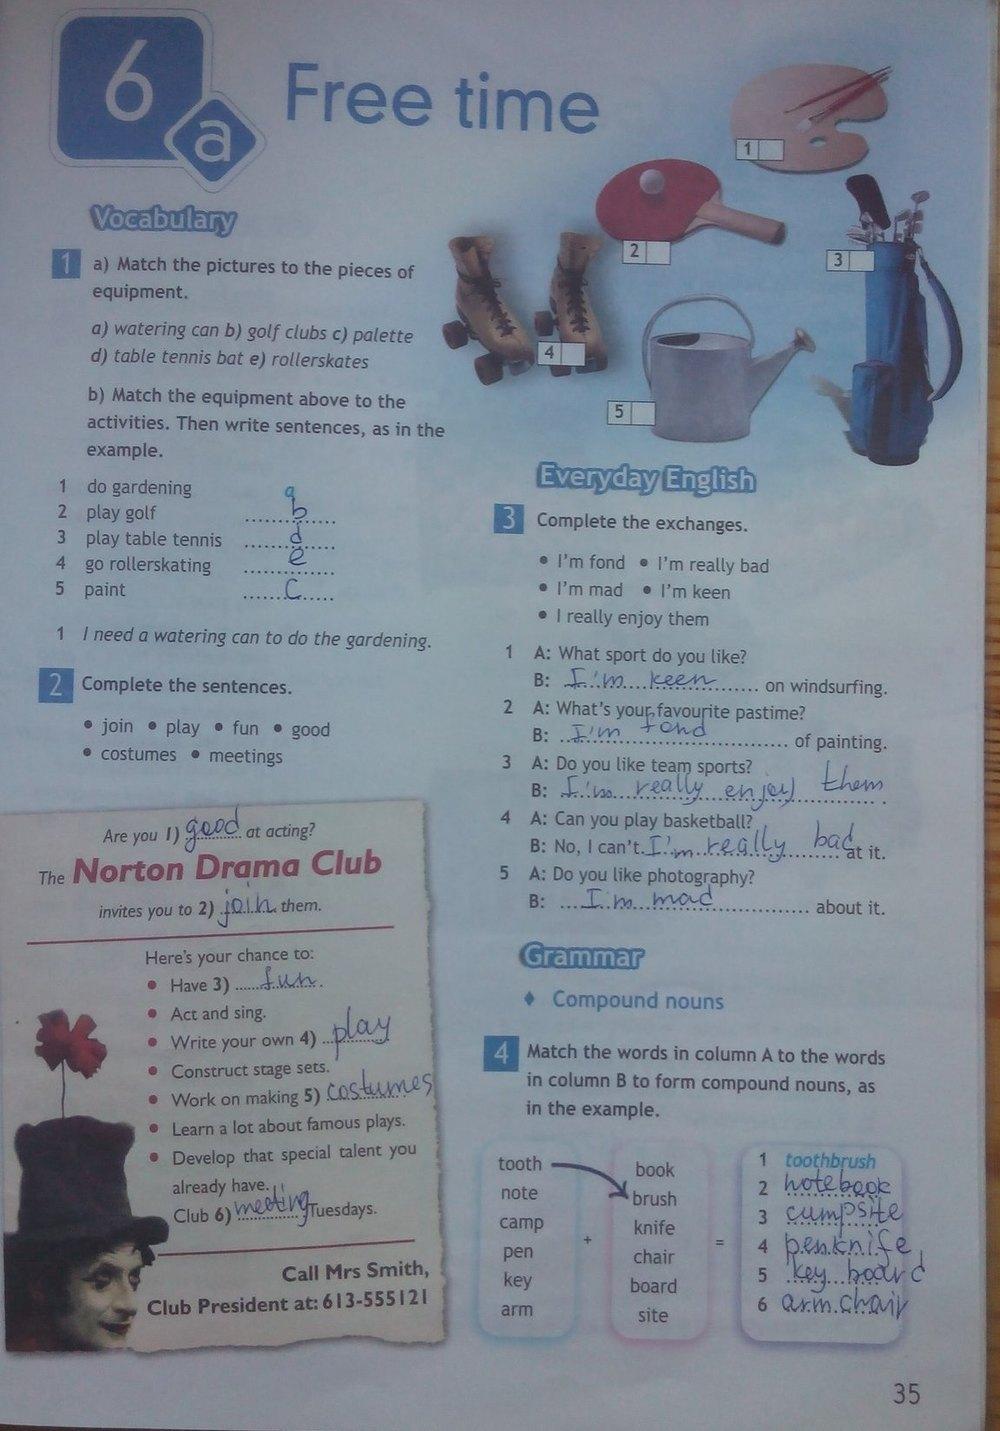 Spotlight workbook рабочая ответы тетрадь по 6 английскому языку класс гдз